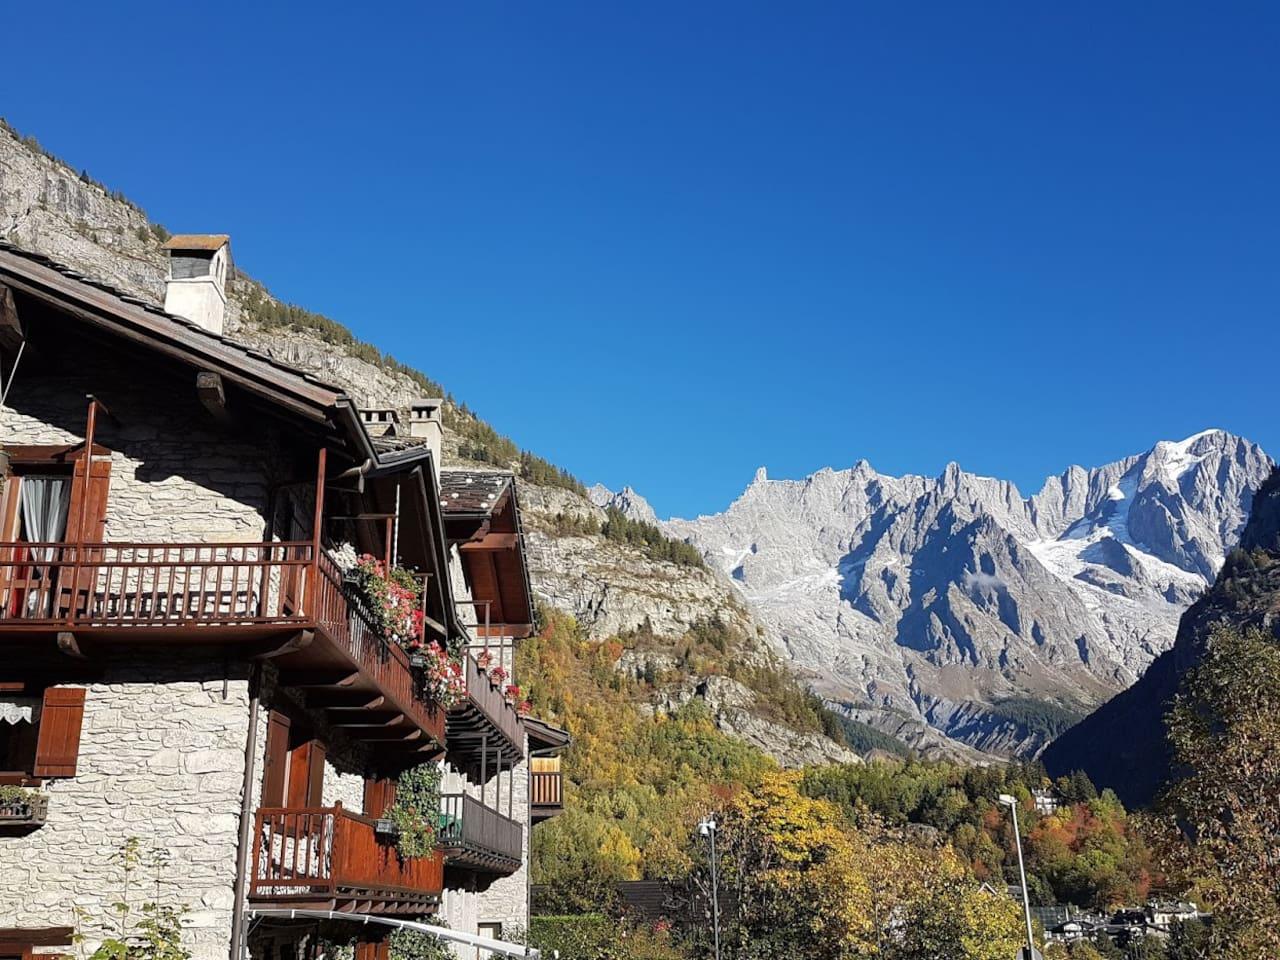 Mansarda luminosa con vista, 10 minuti a piedi dal centro di Courmayeur, sull'itinerario principale del Tour du Mont Blanc e a 100 metri dalle piste da sci